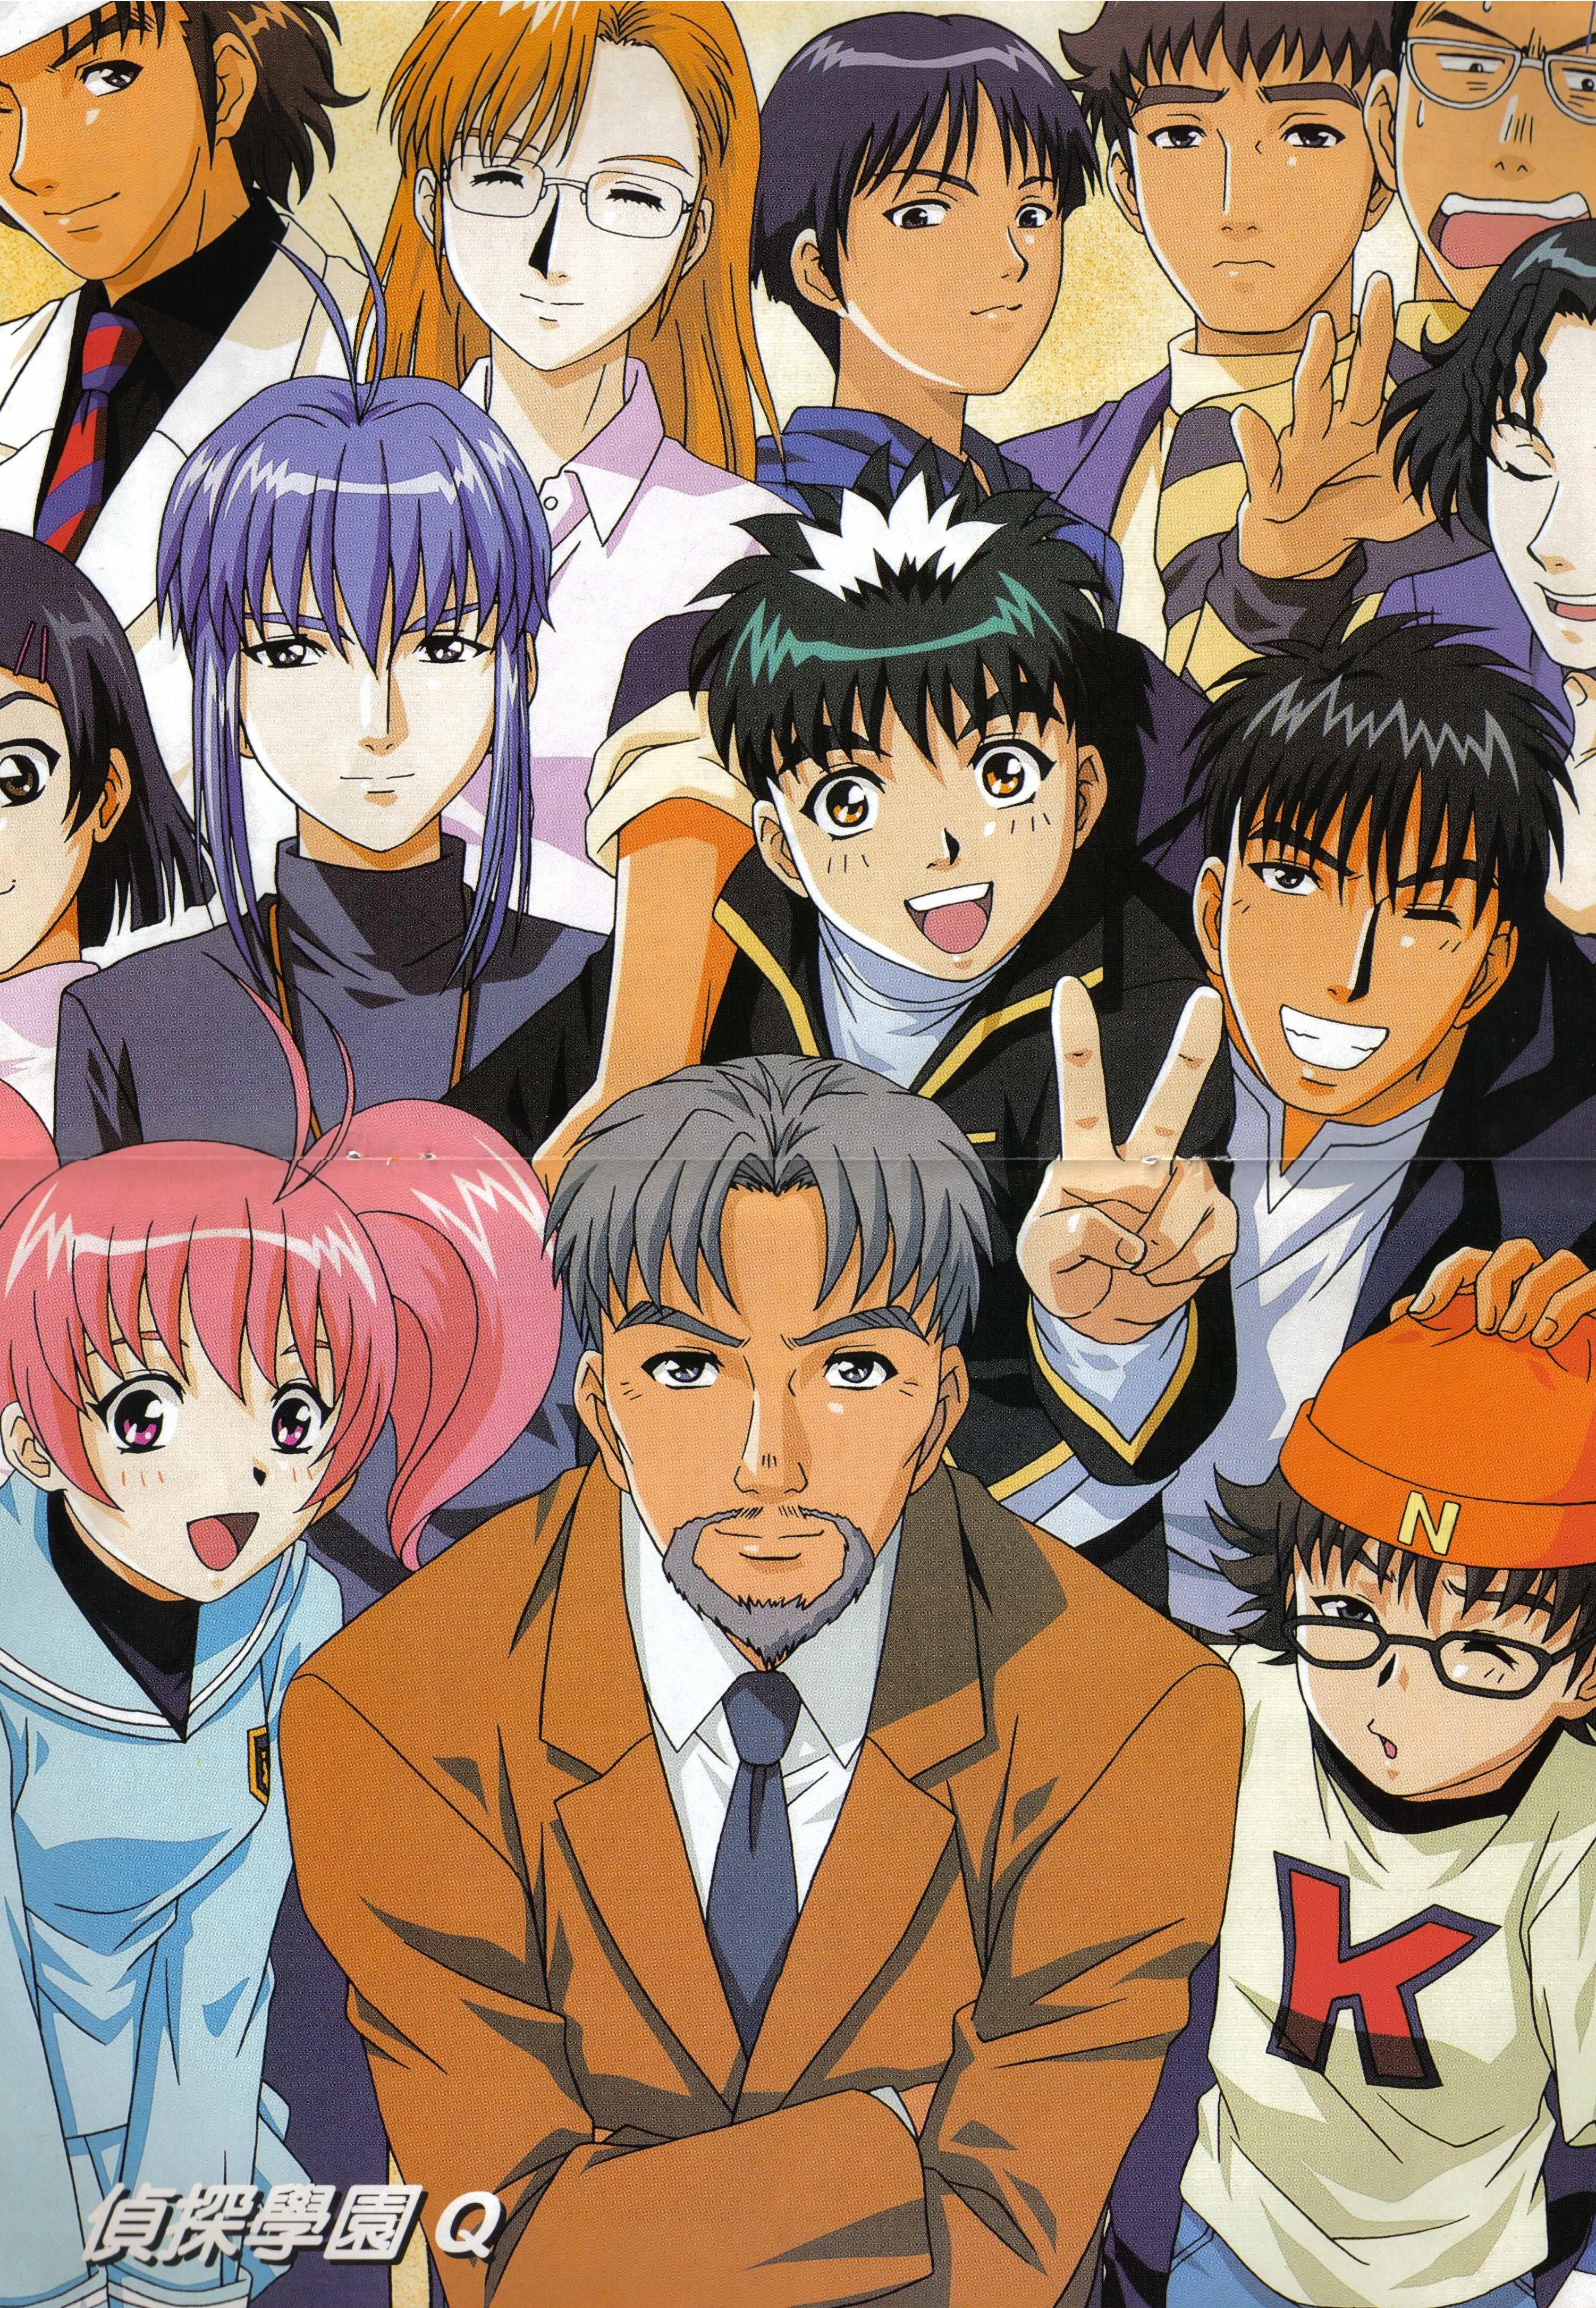 Pin de Mr. Ari en Anime Detective, Anime, Escuela